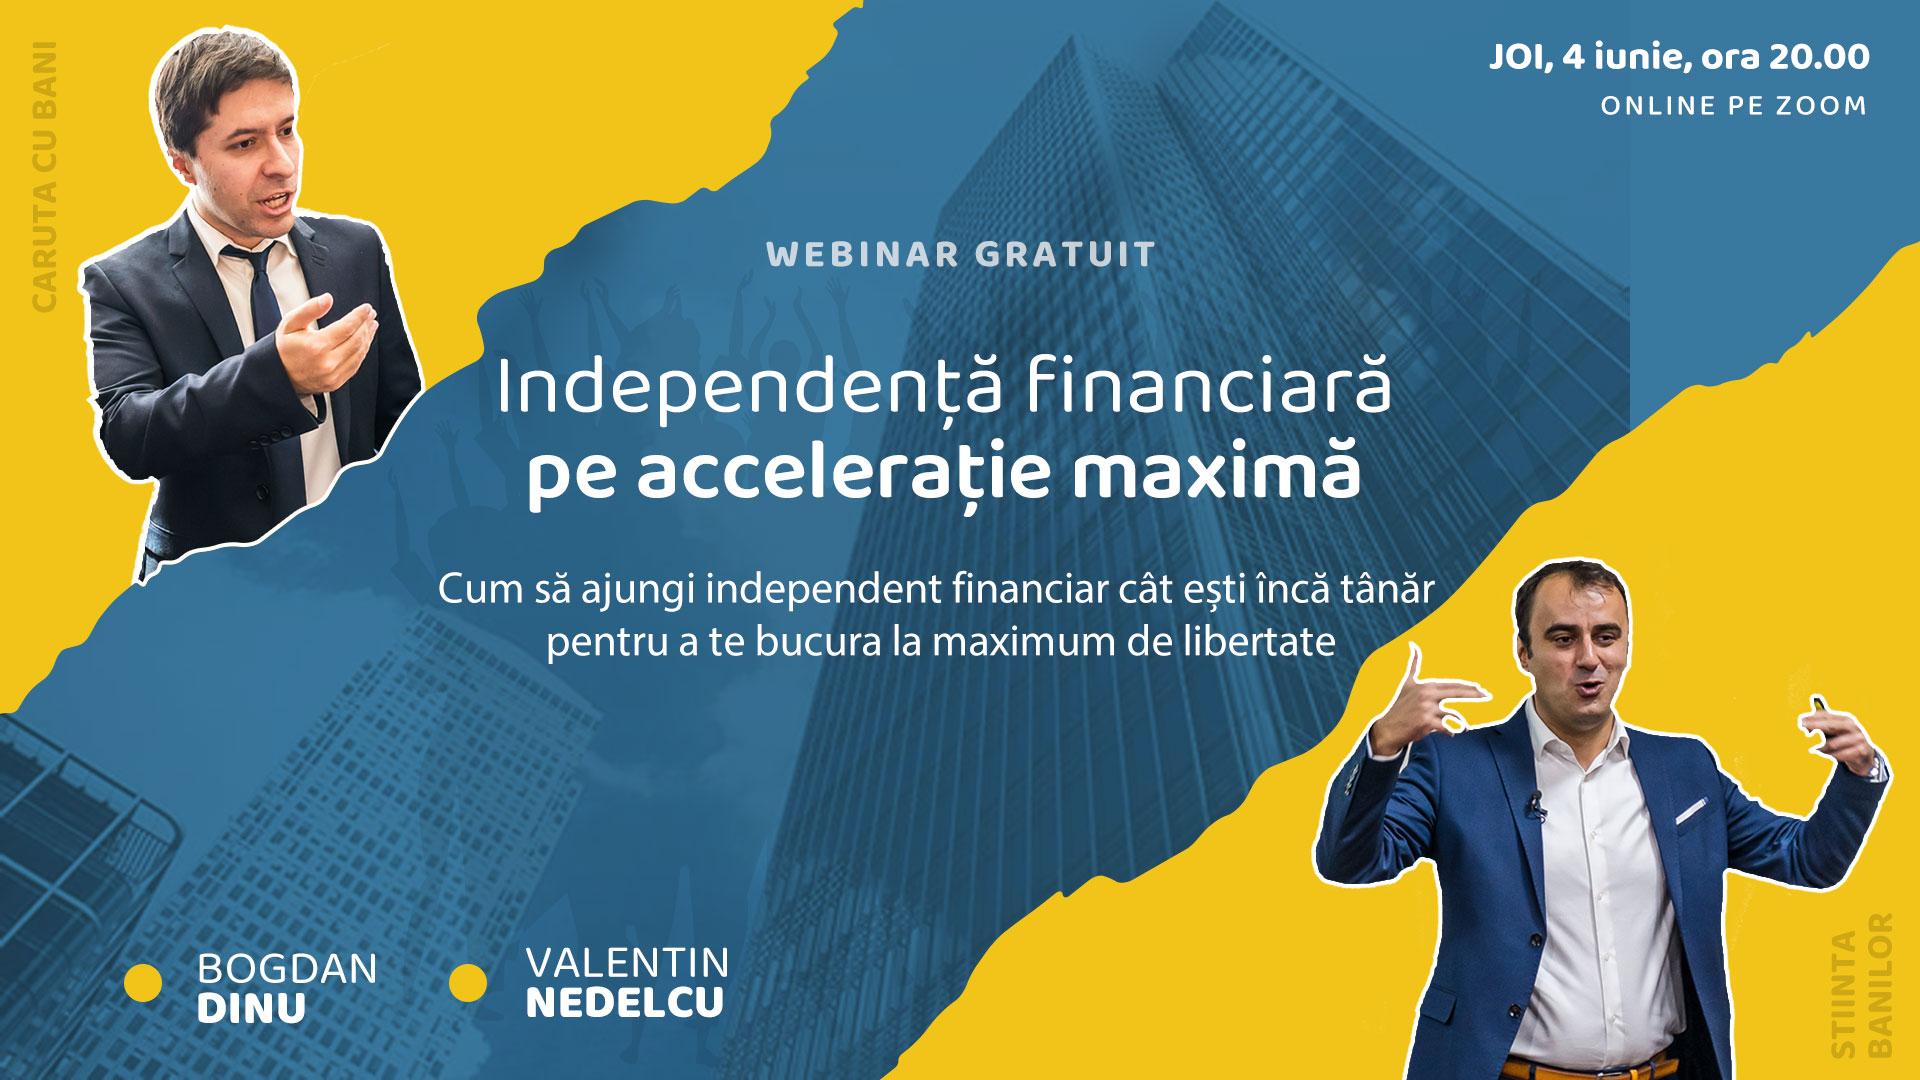 libertatea financiară și independența financiară